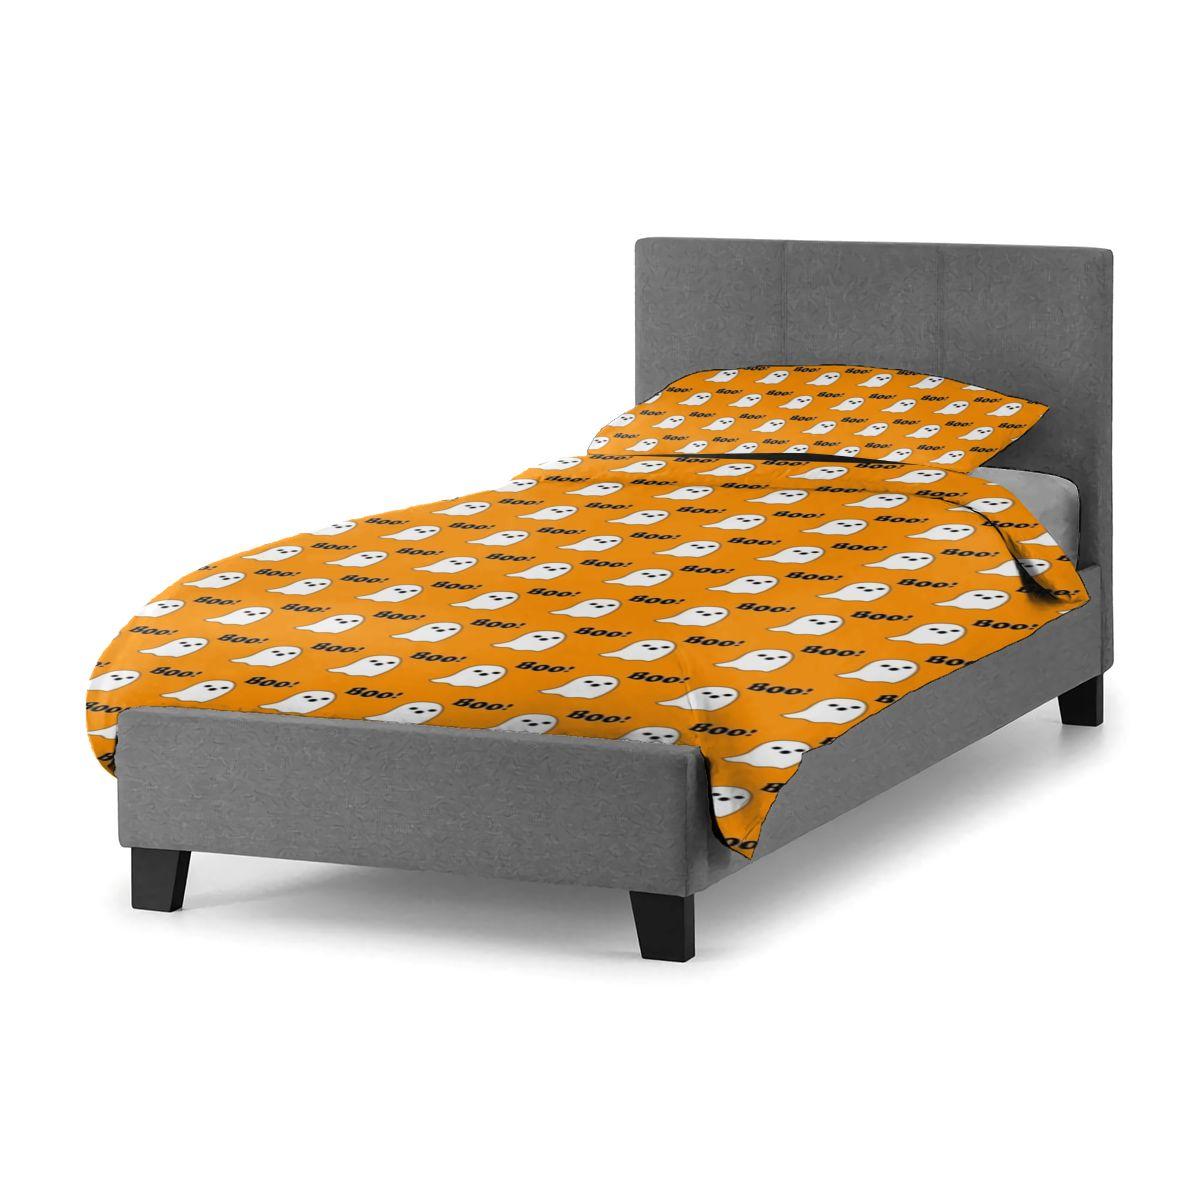 طقم سرير هالوين فندق أغطية سرير الأحداث غطاء الجملة ورقة مضحك